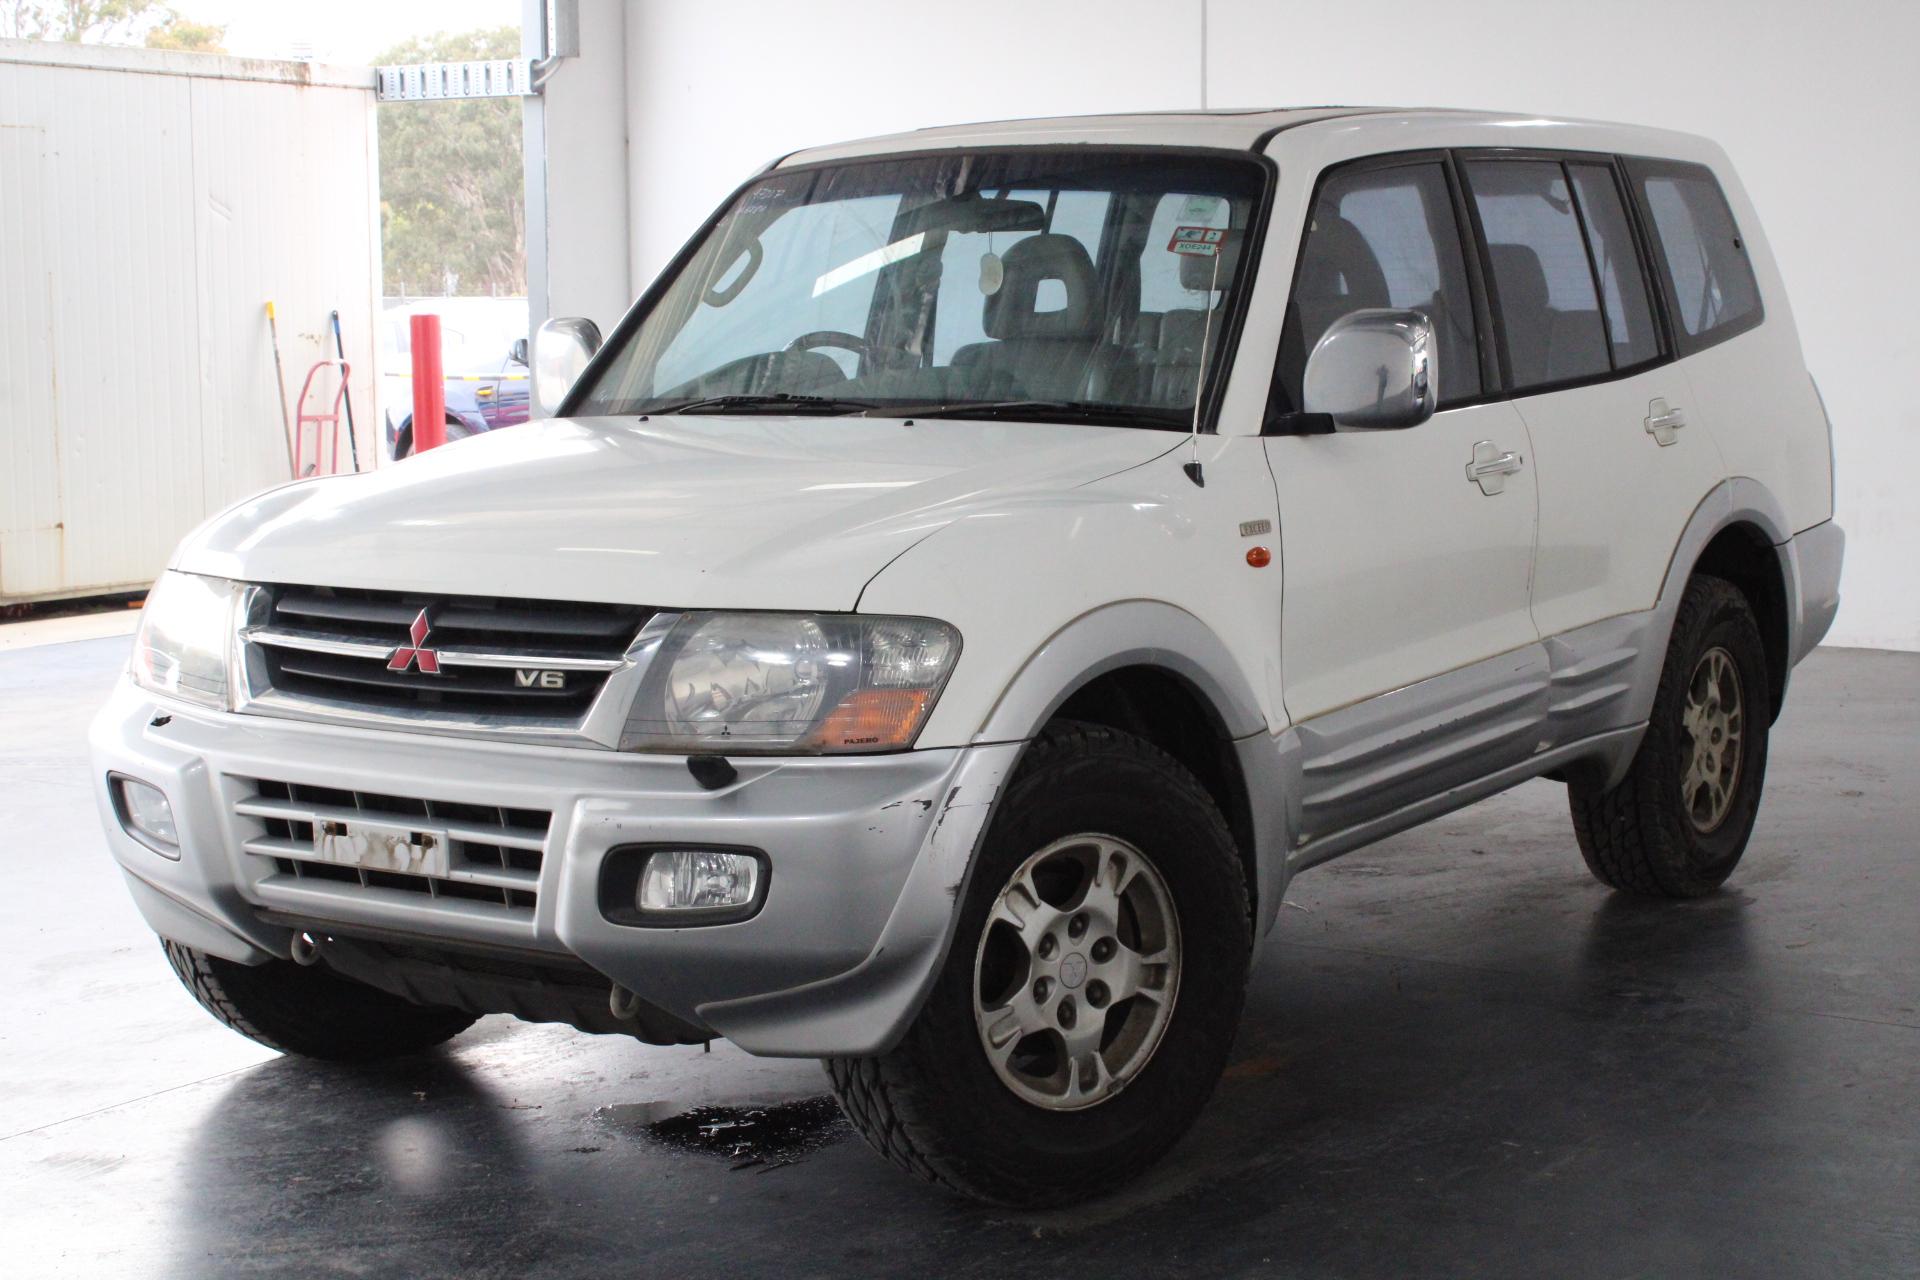 2002 Mitsubishi Pajero GLS LWB (4x4) NM Automatic 7 Seats Wagon